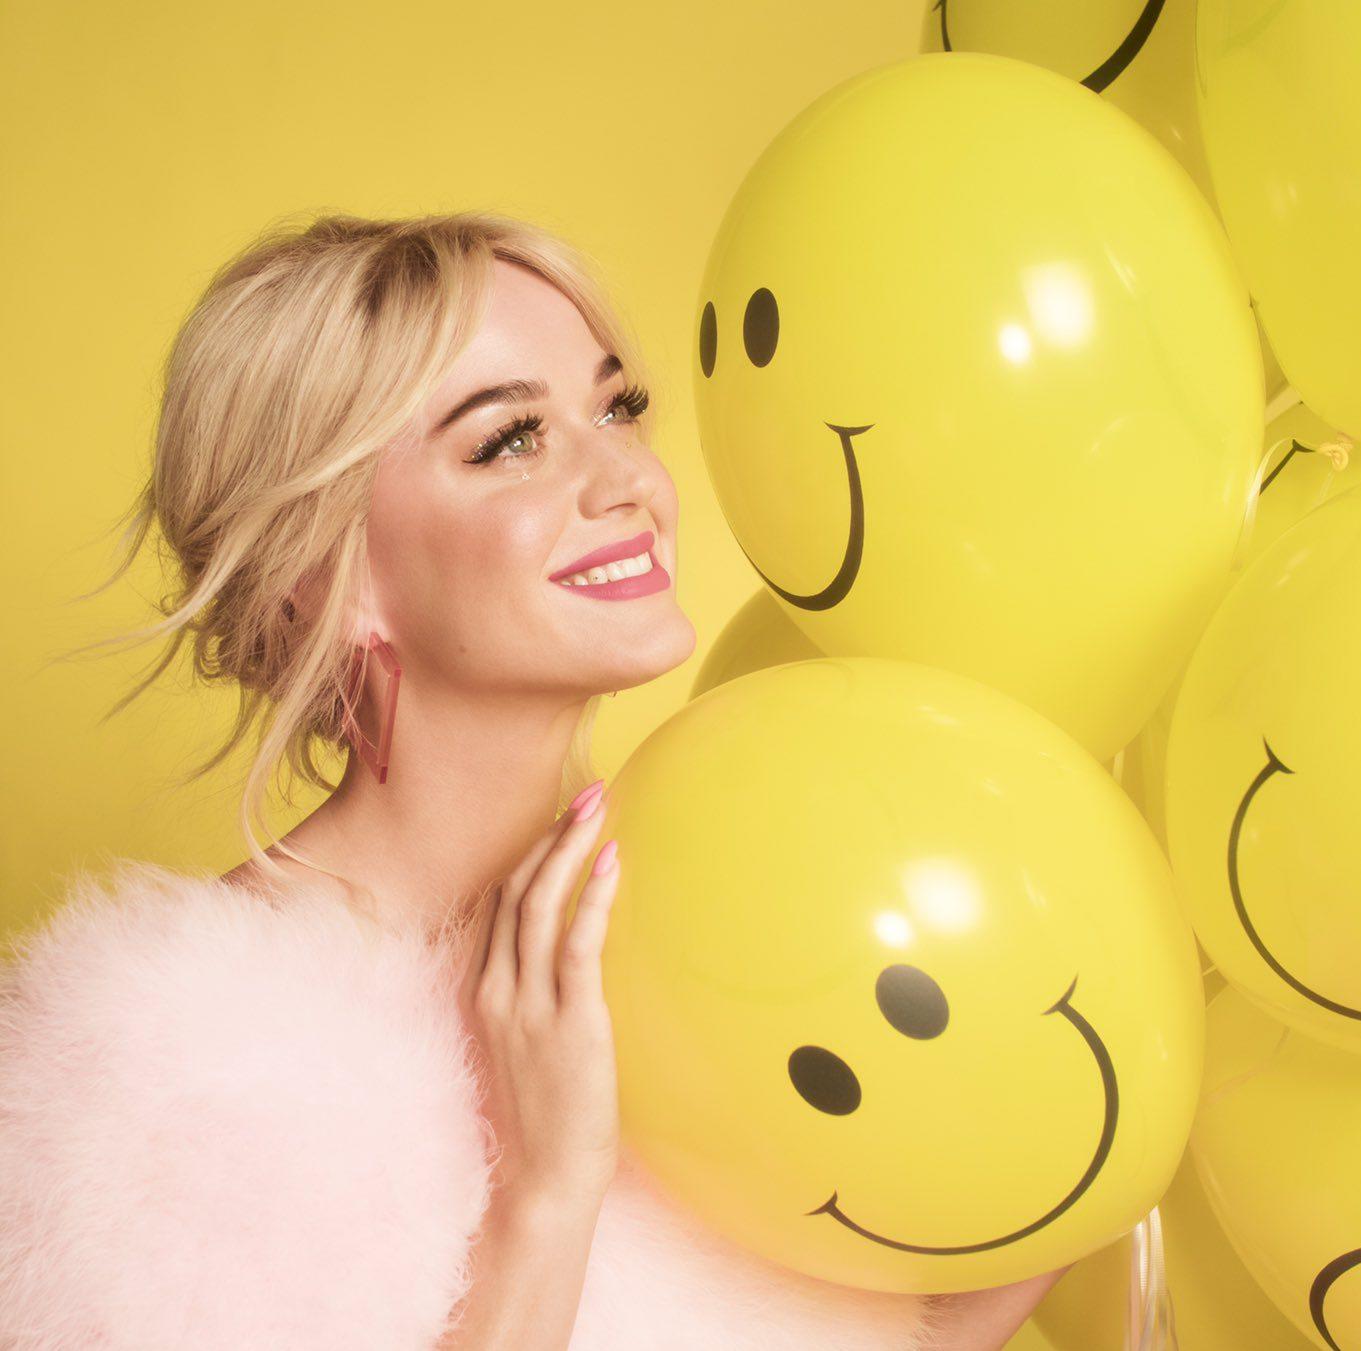 katy-perry-announces-smile-album-trackli